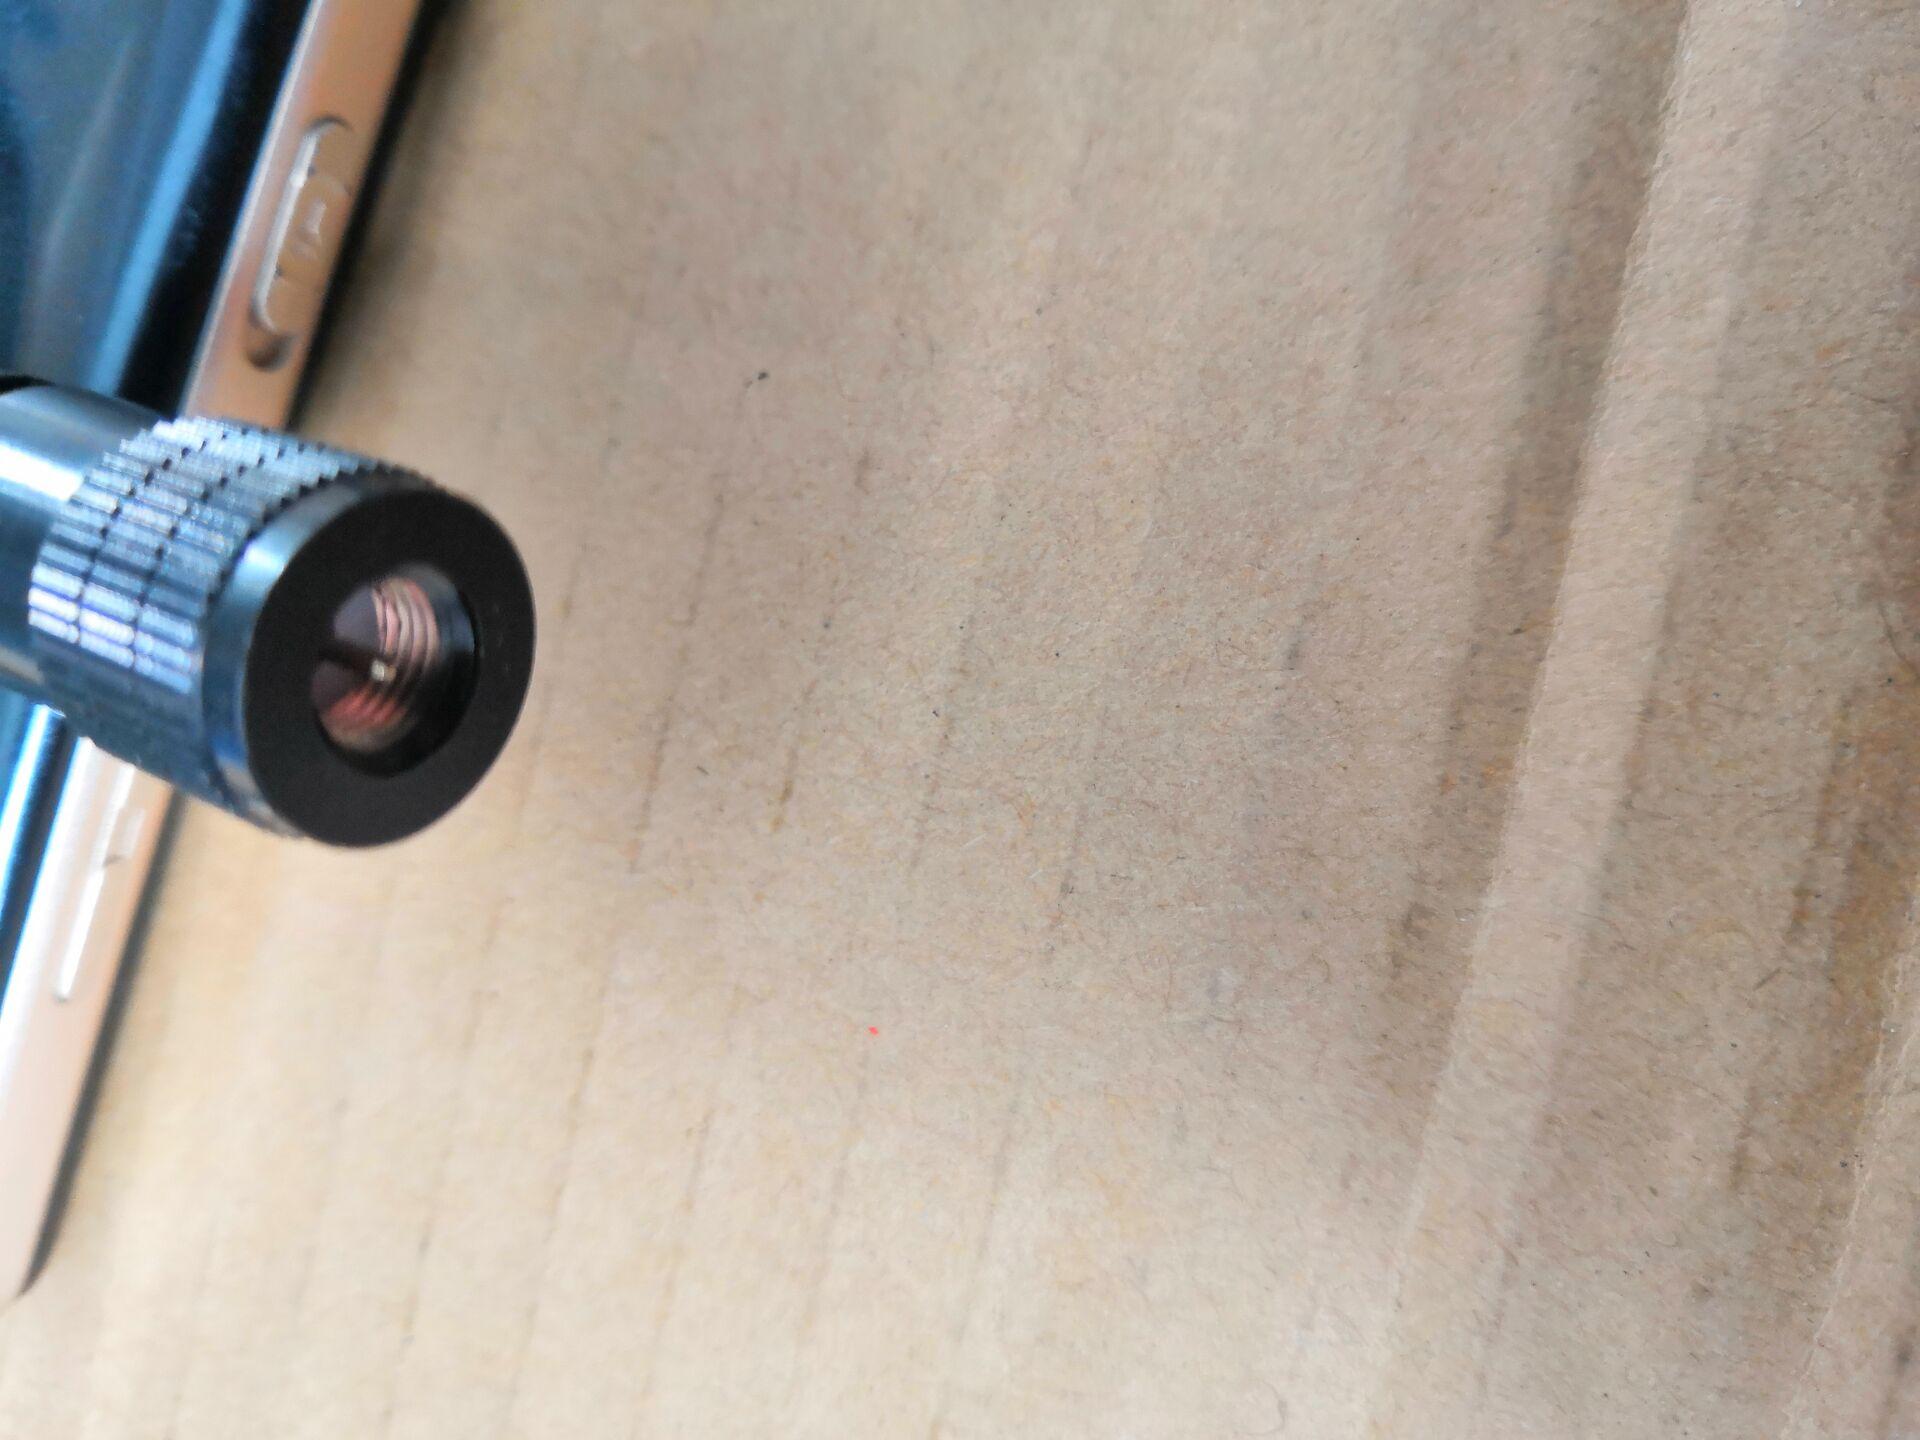 ВХФ телескопска дугачка 130 цм јака - Комуникациона опрема - Фотографија 4